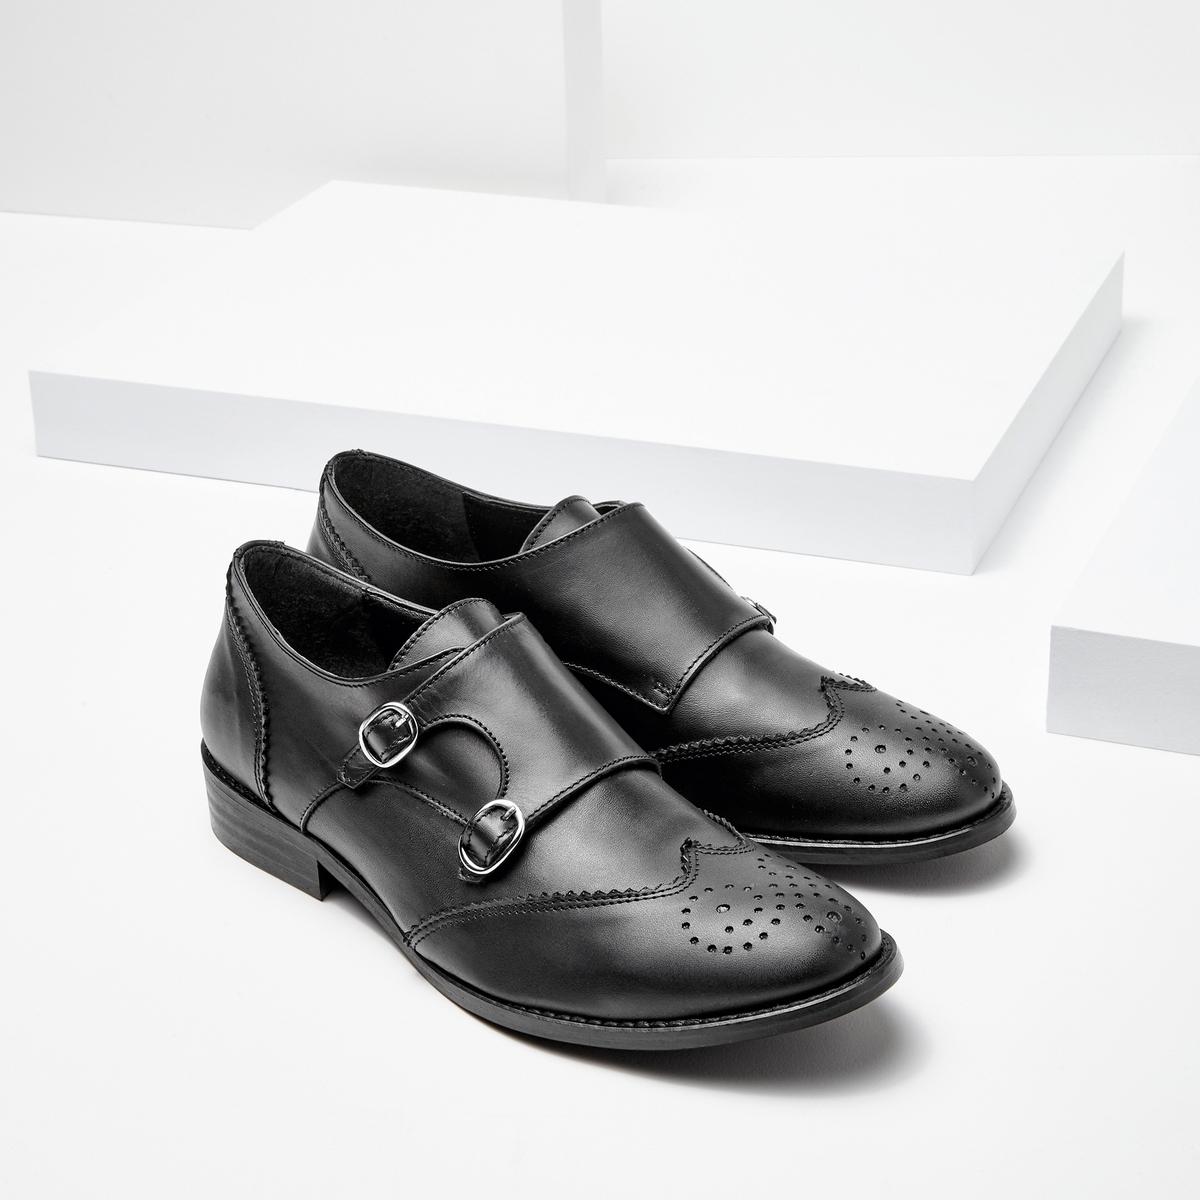 Ботинки-дерби кожаные с пряжками